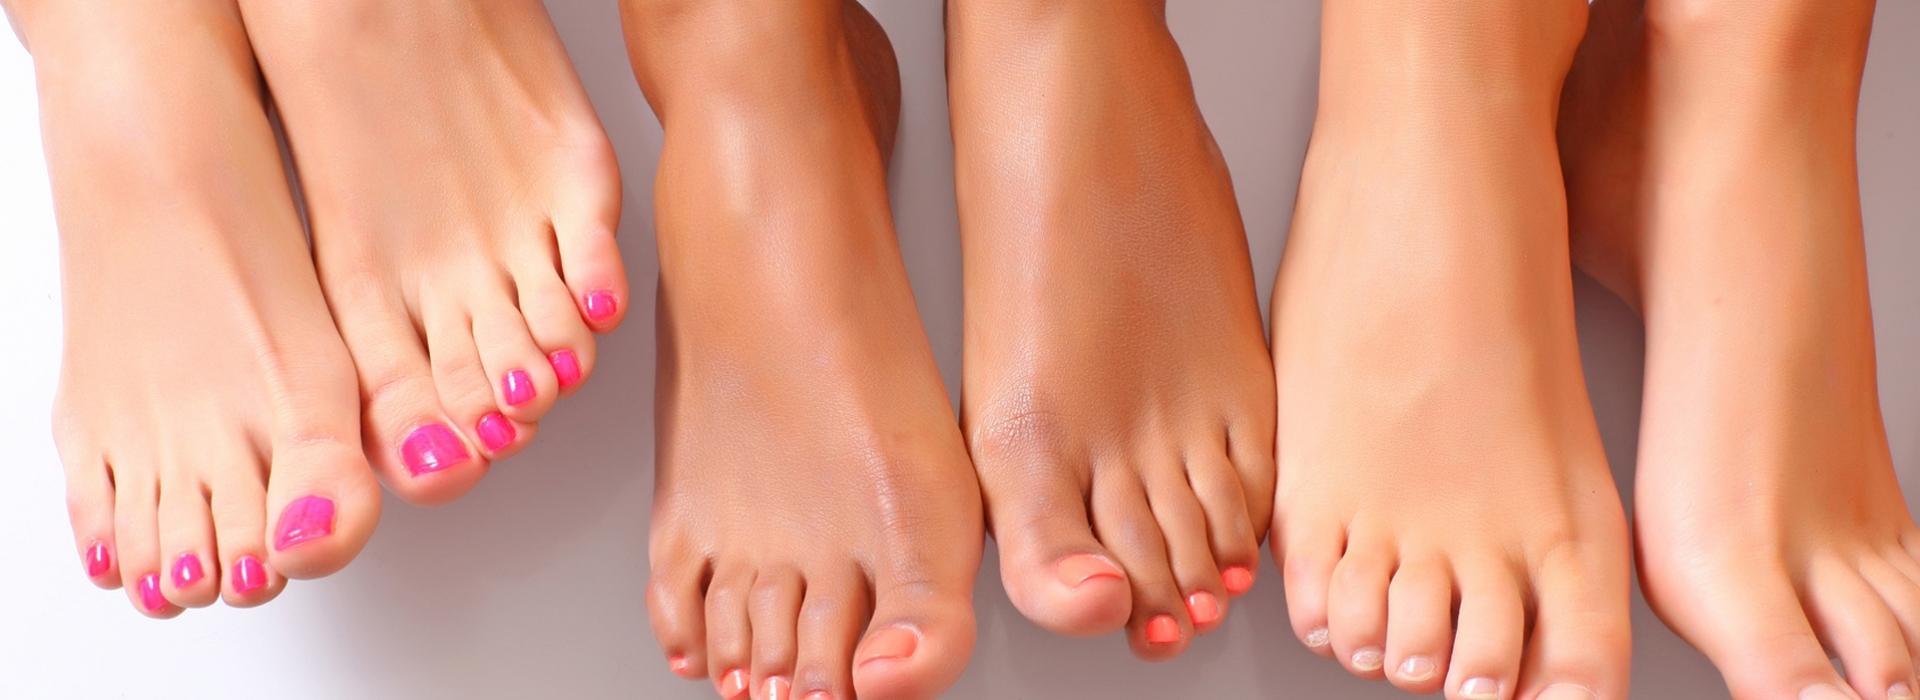 Красивые ножки ступни фото фото 30-425